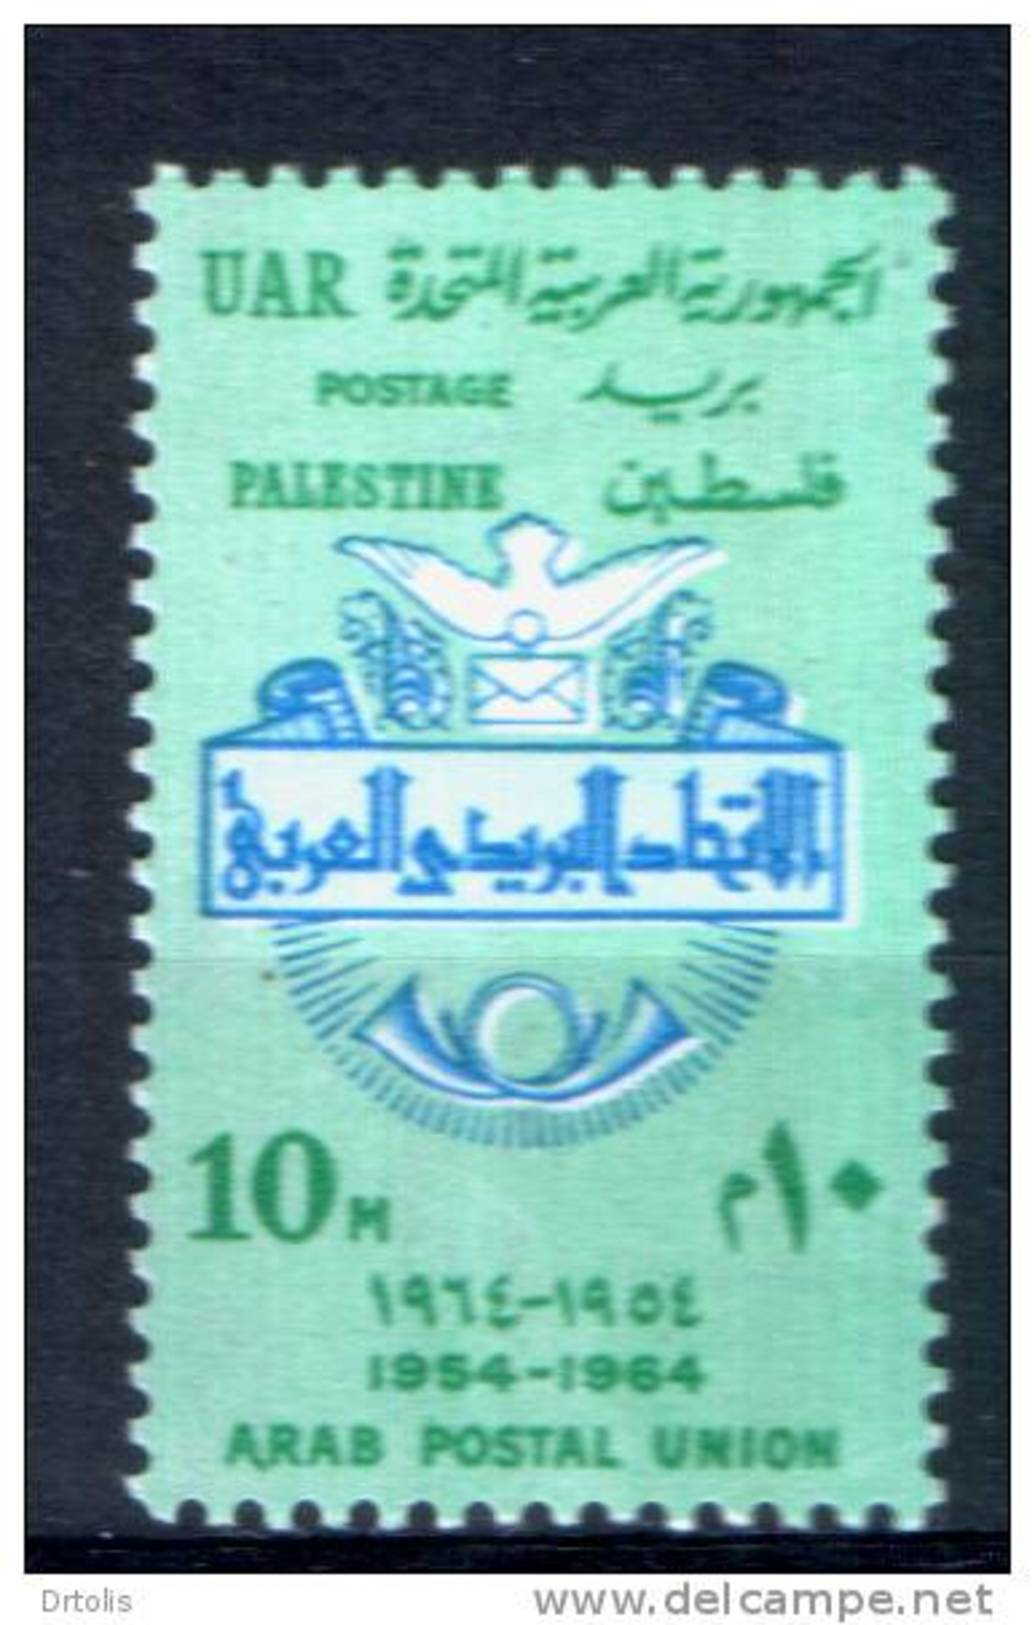 EGYPT / 1964 / PALESTINE / GAZA  / ARAB POSTAL UNION / MNH / VF . - Egypt